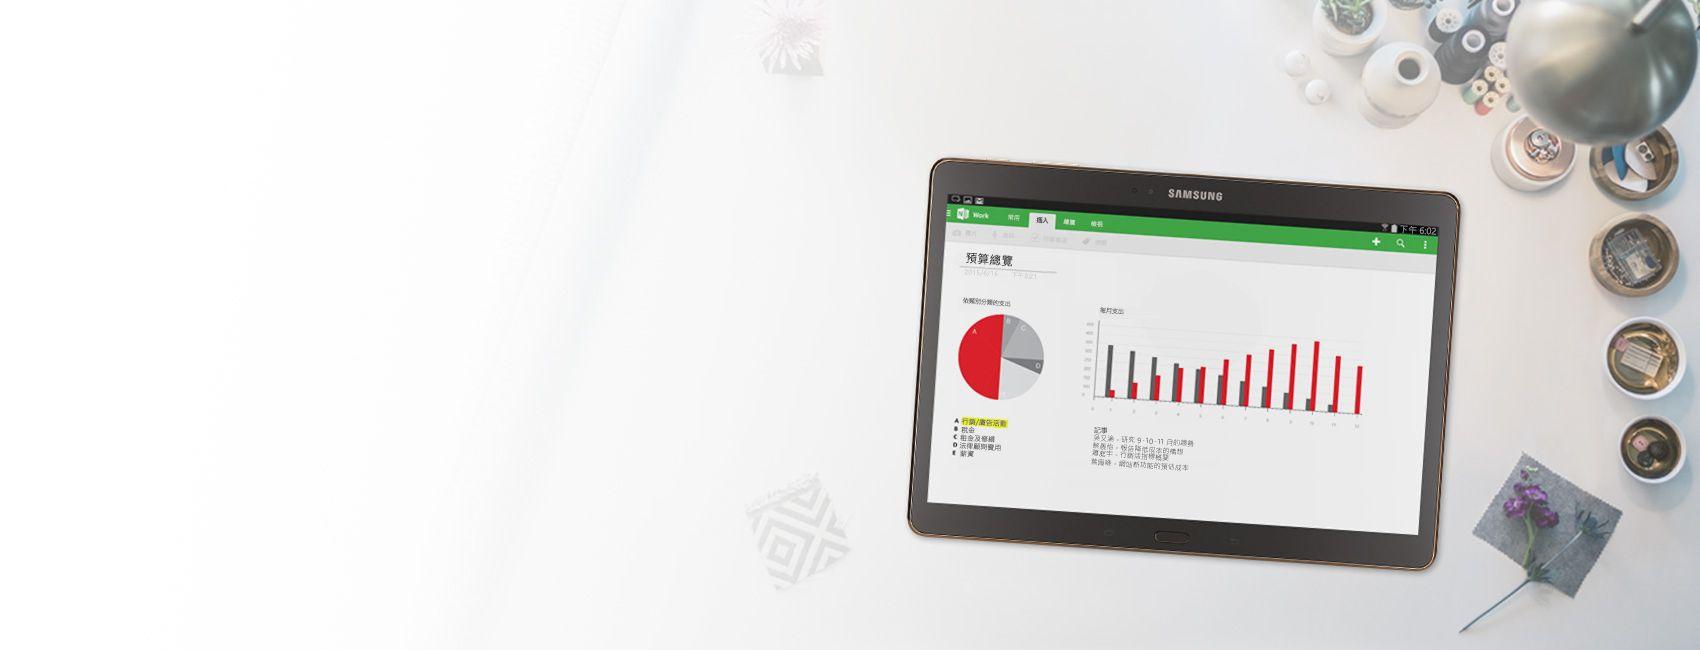 顯示 OneNote 筆記本中之預算概觀圖表的平板電腦